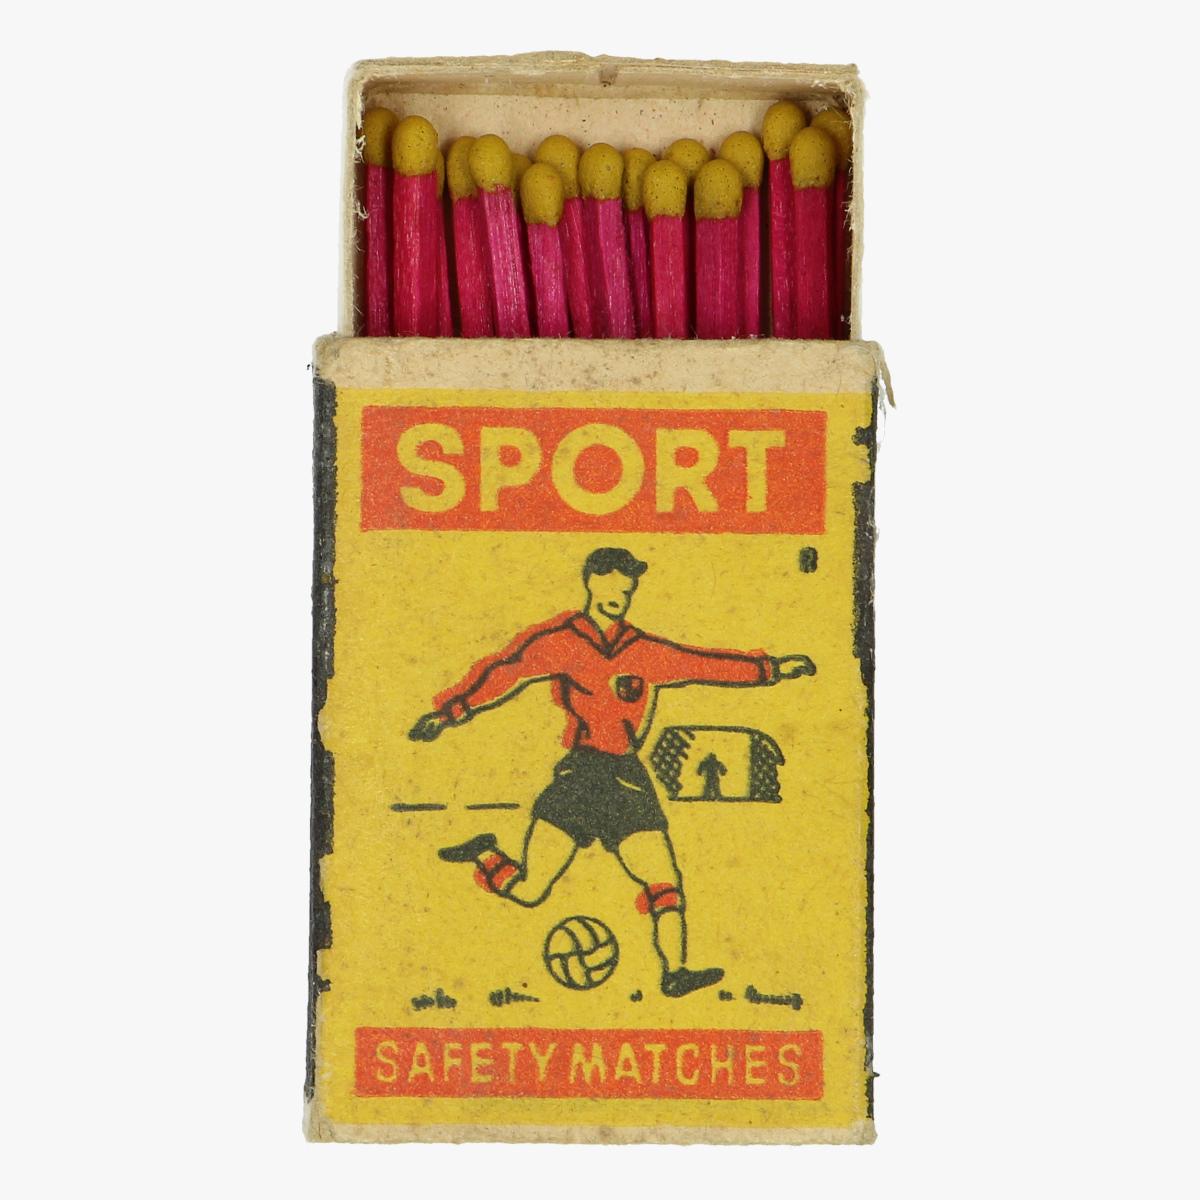 Afbeeldingen van lucifers voetbal sport safety matches